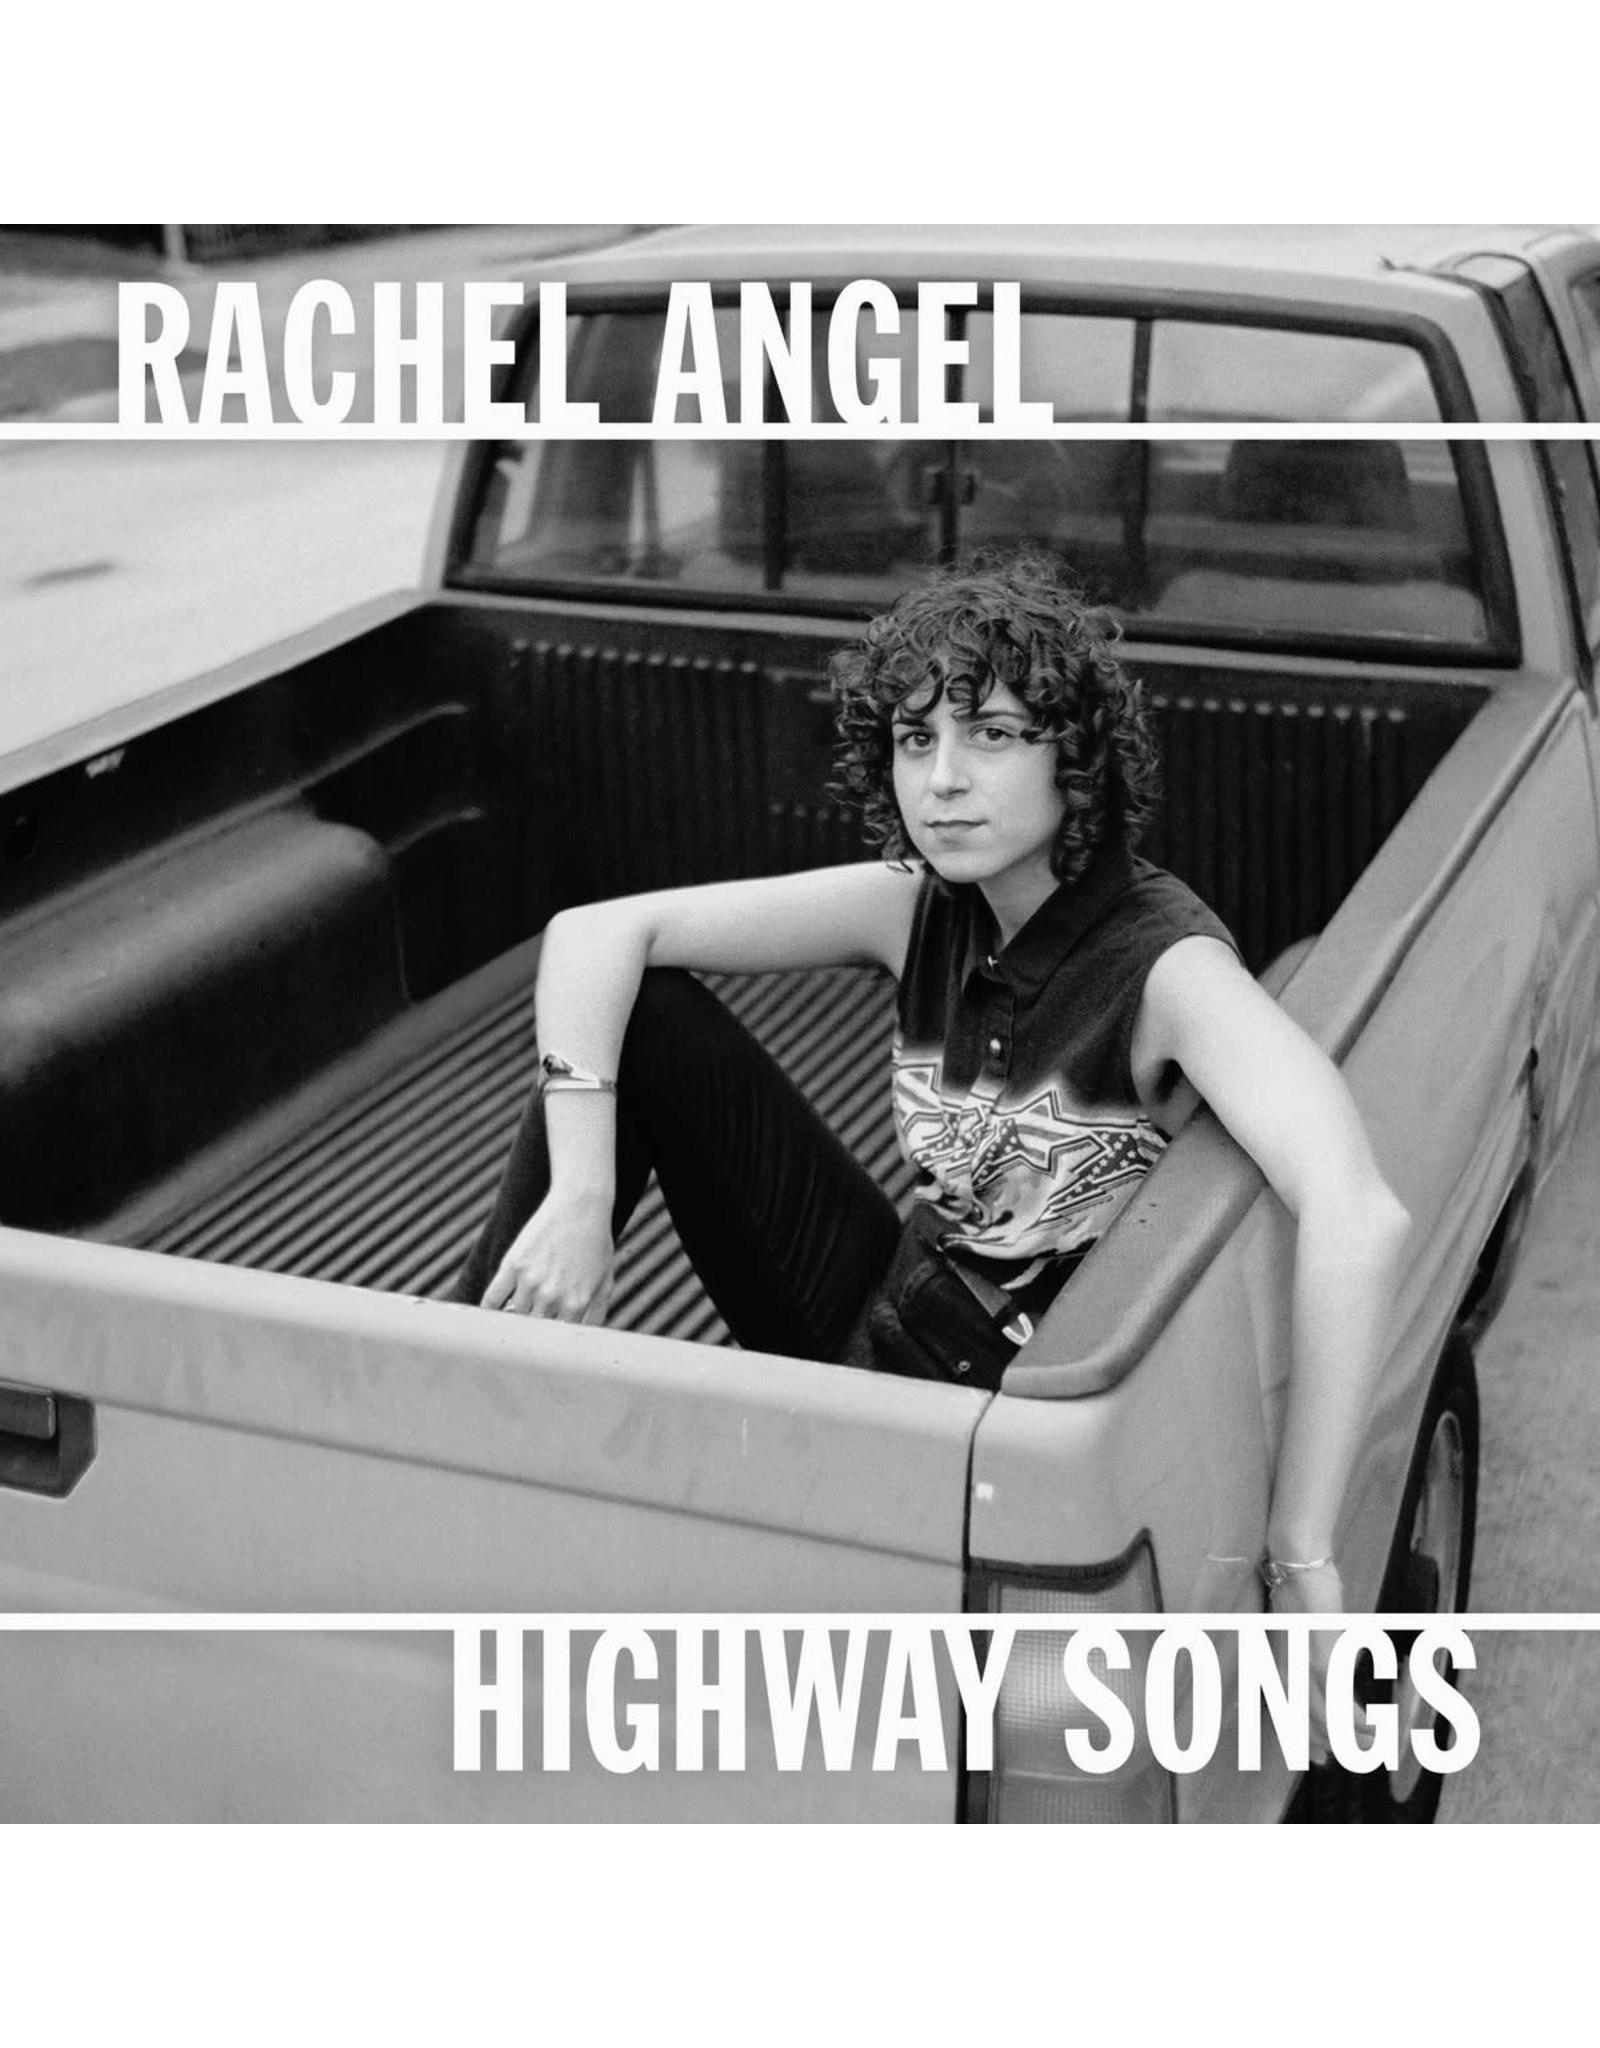 Rachel Angel - Highway Songs CD